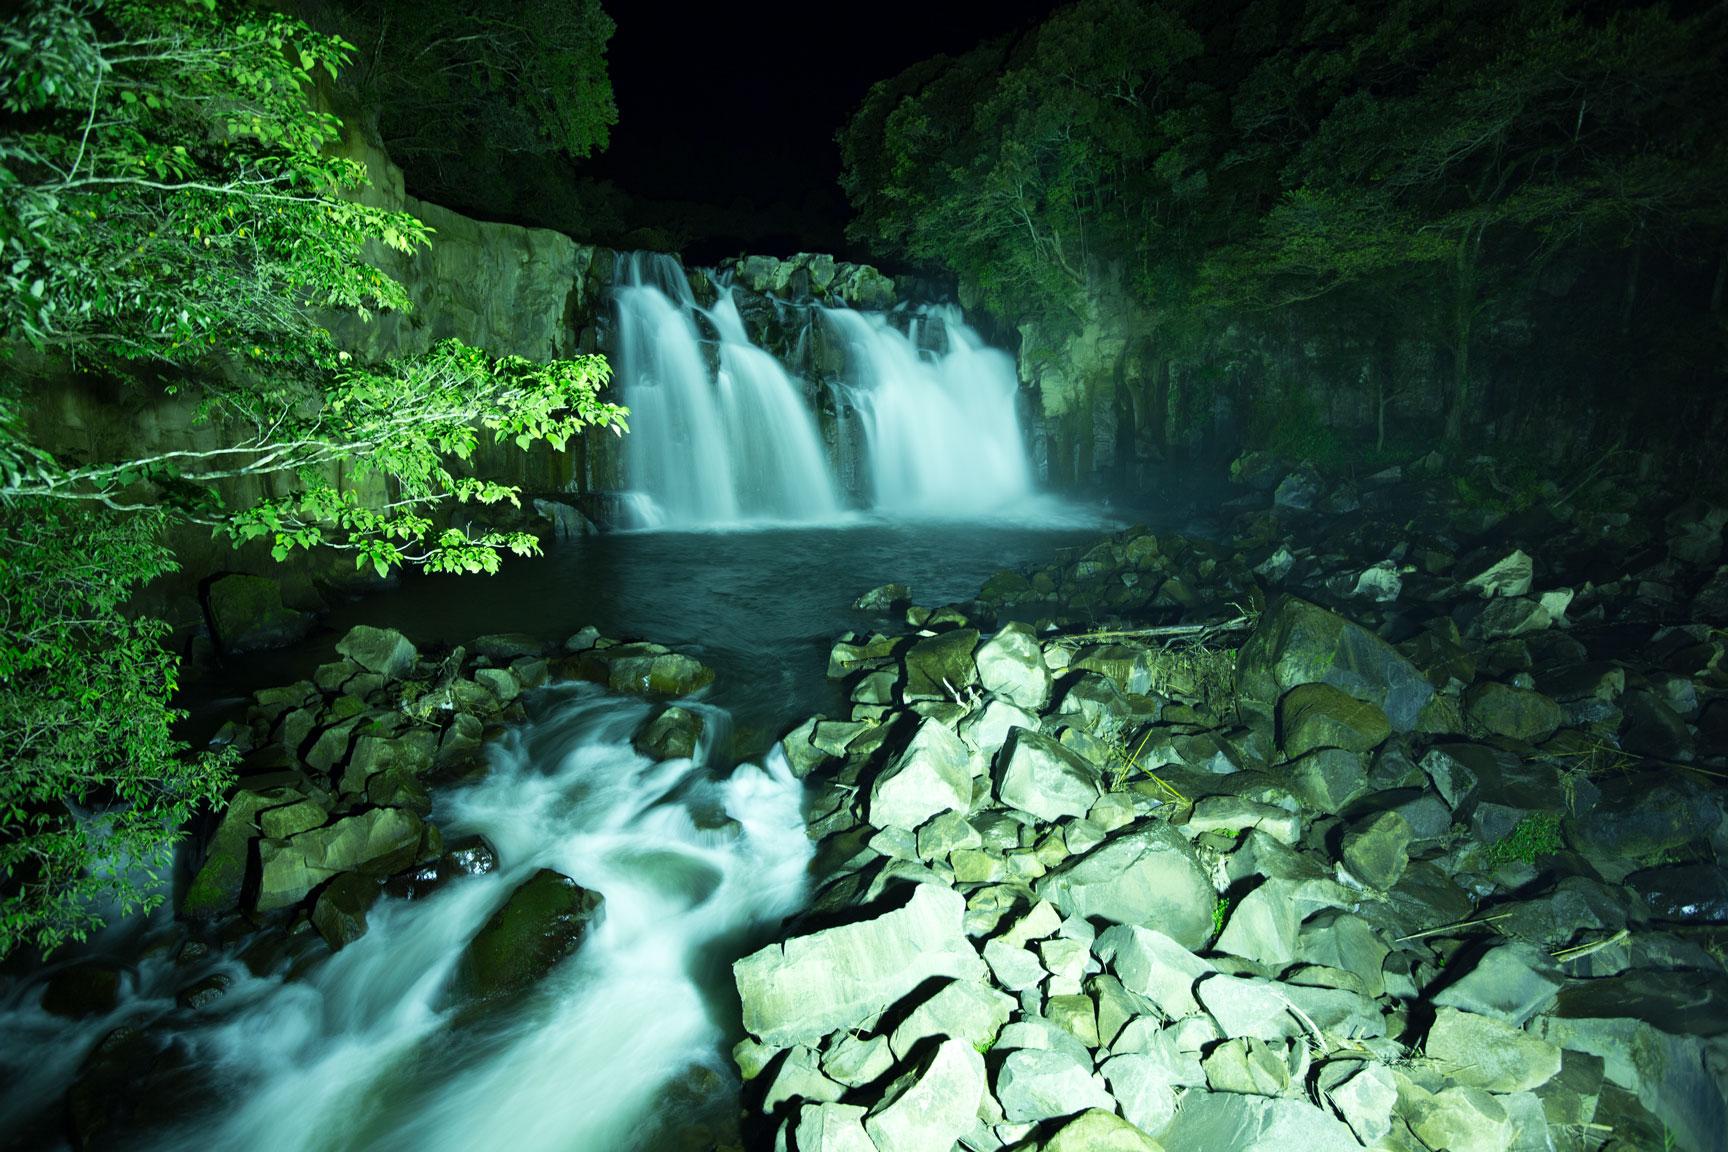 関之尾滝は日本の滝百選に選ばれた!実は心霊スポット!秋は紅葉!アクセスは?